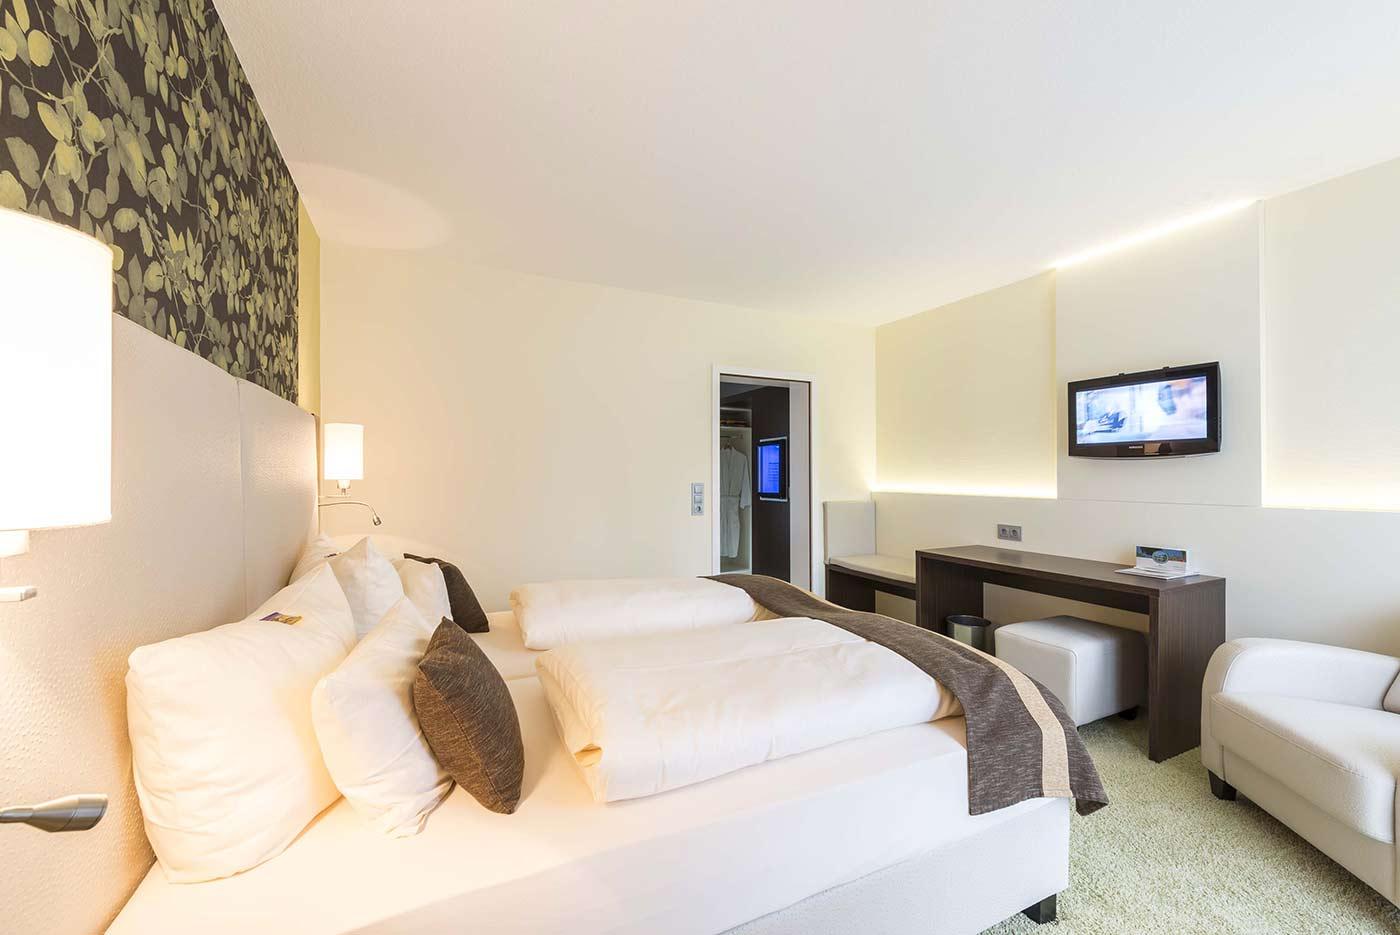 zimmer tagungs seminarhotel heppenheim. Black Bedroom Furniture Sets. Home Design Ideas